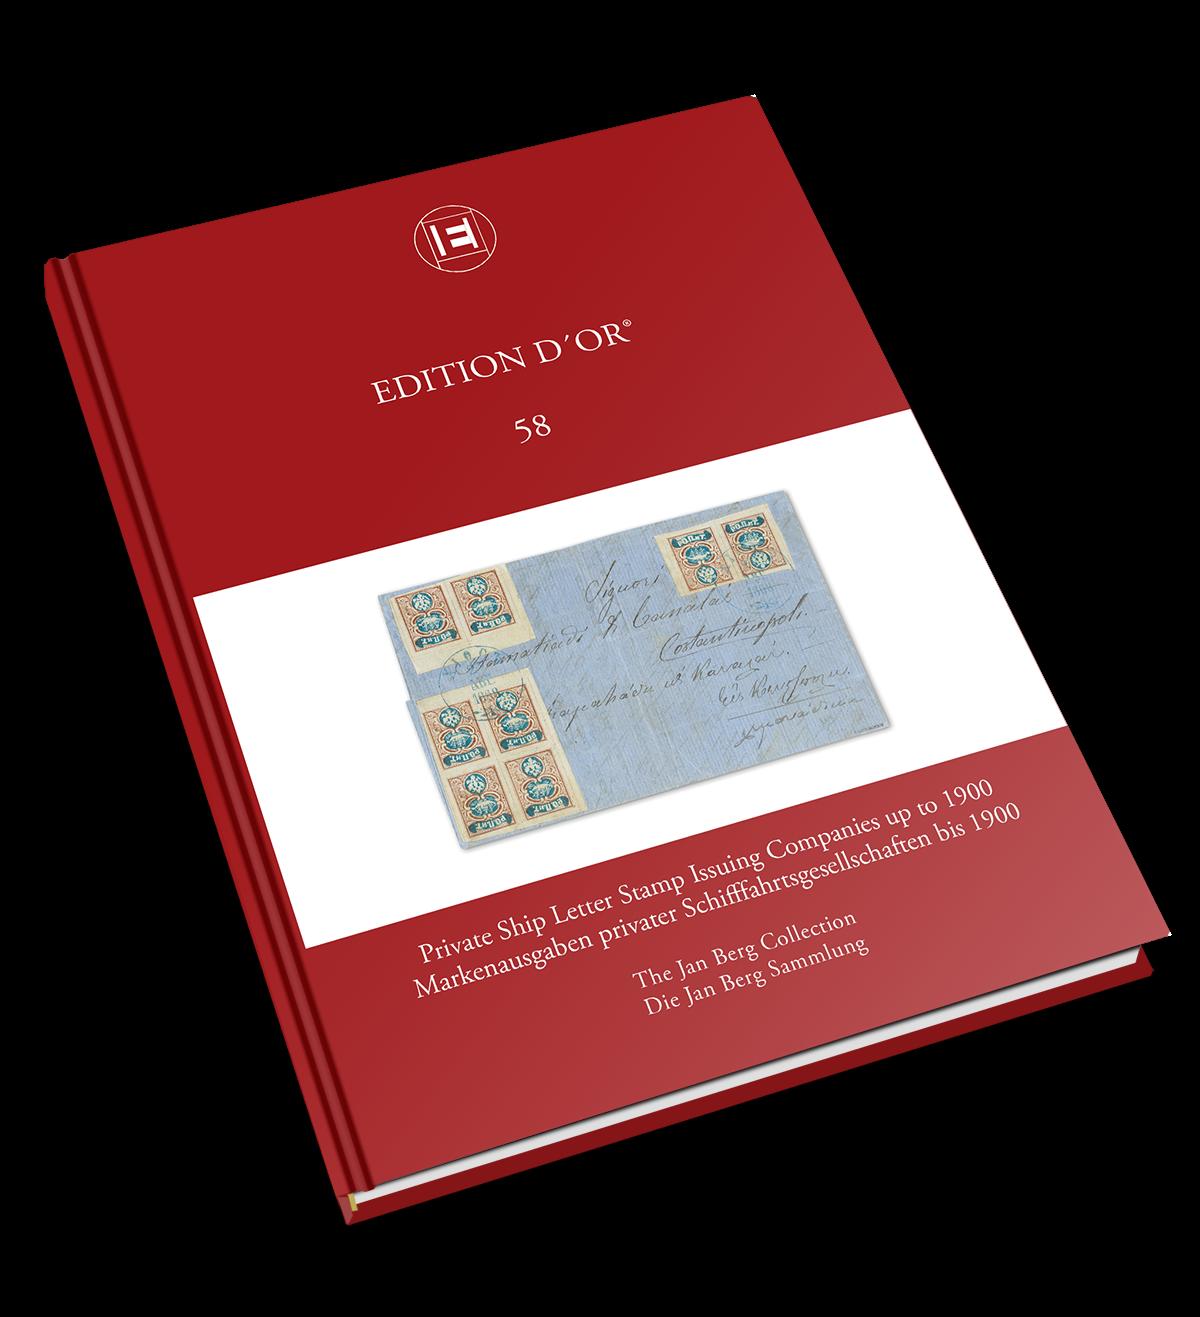 Band 58: Markenausgaben privater Schifffahrtsgesellschaften bis 1900 - Die Jan Berg Sammlung